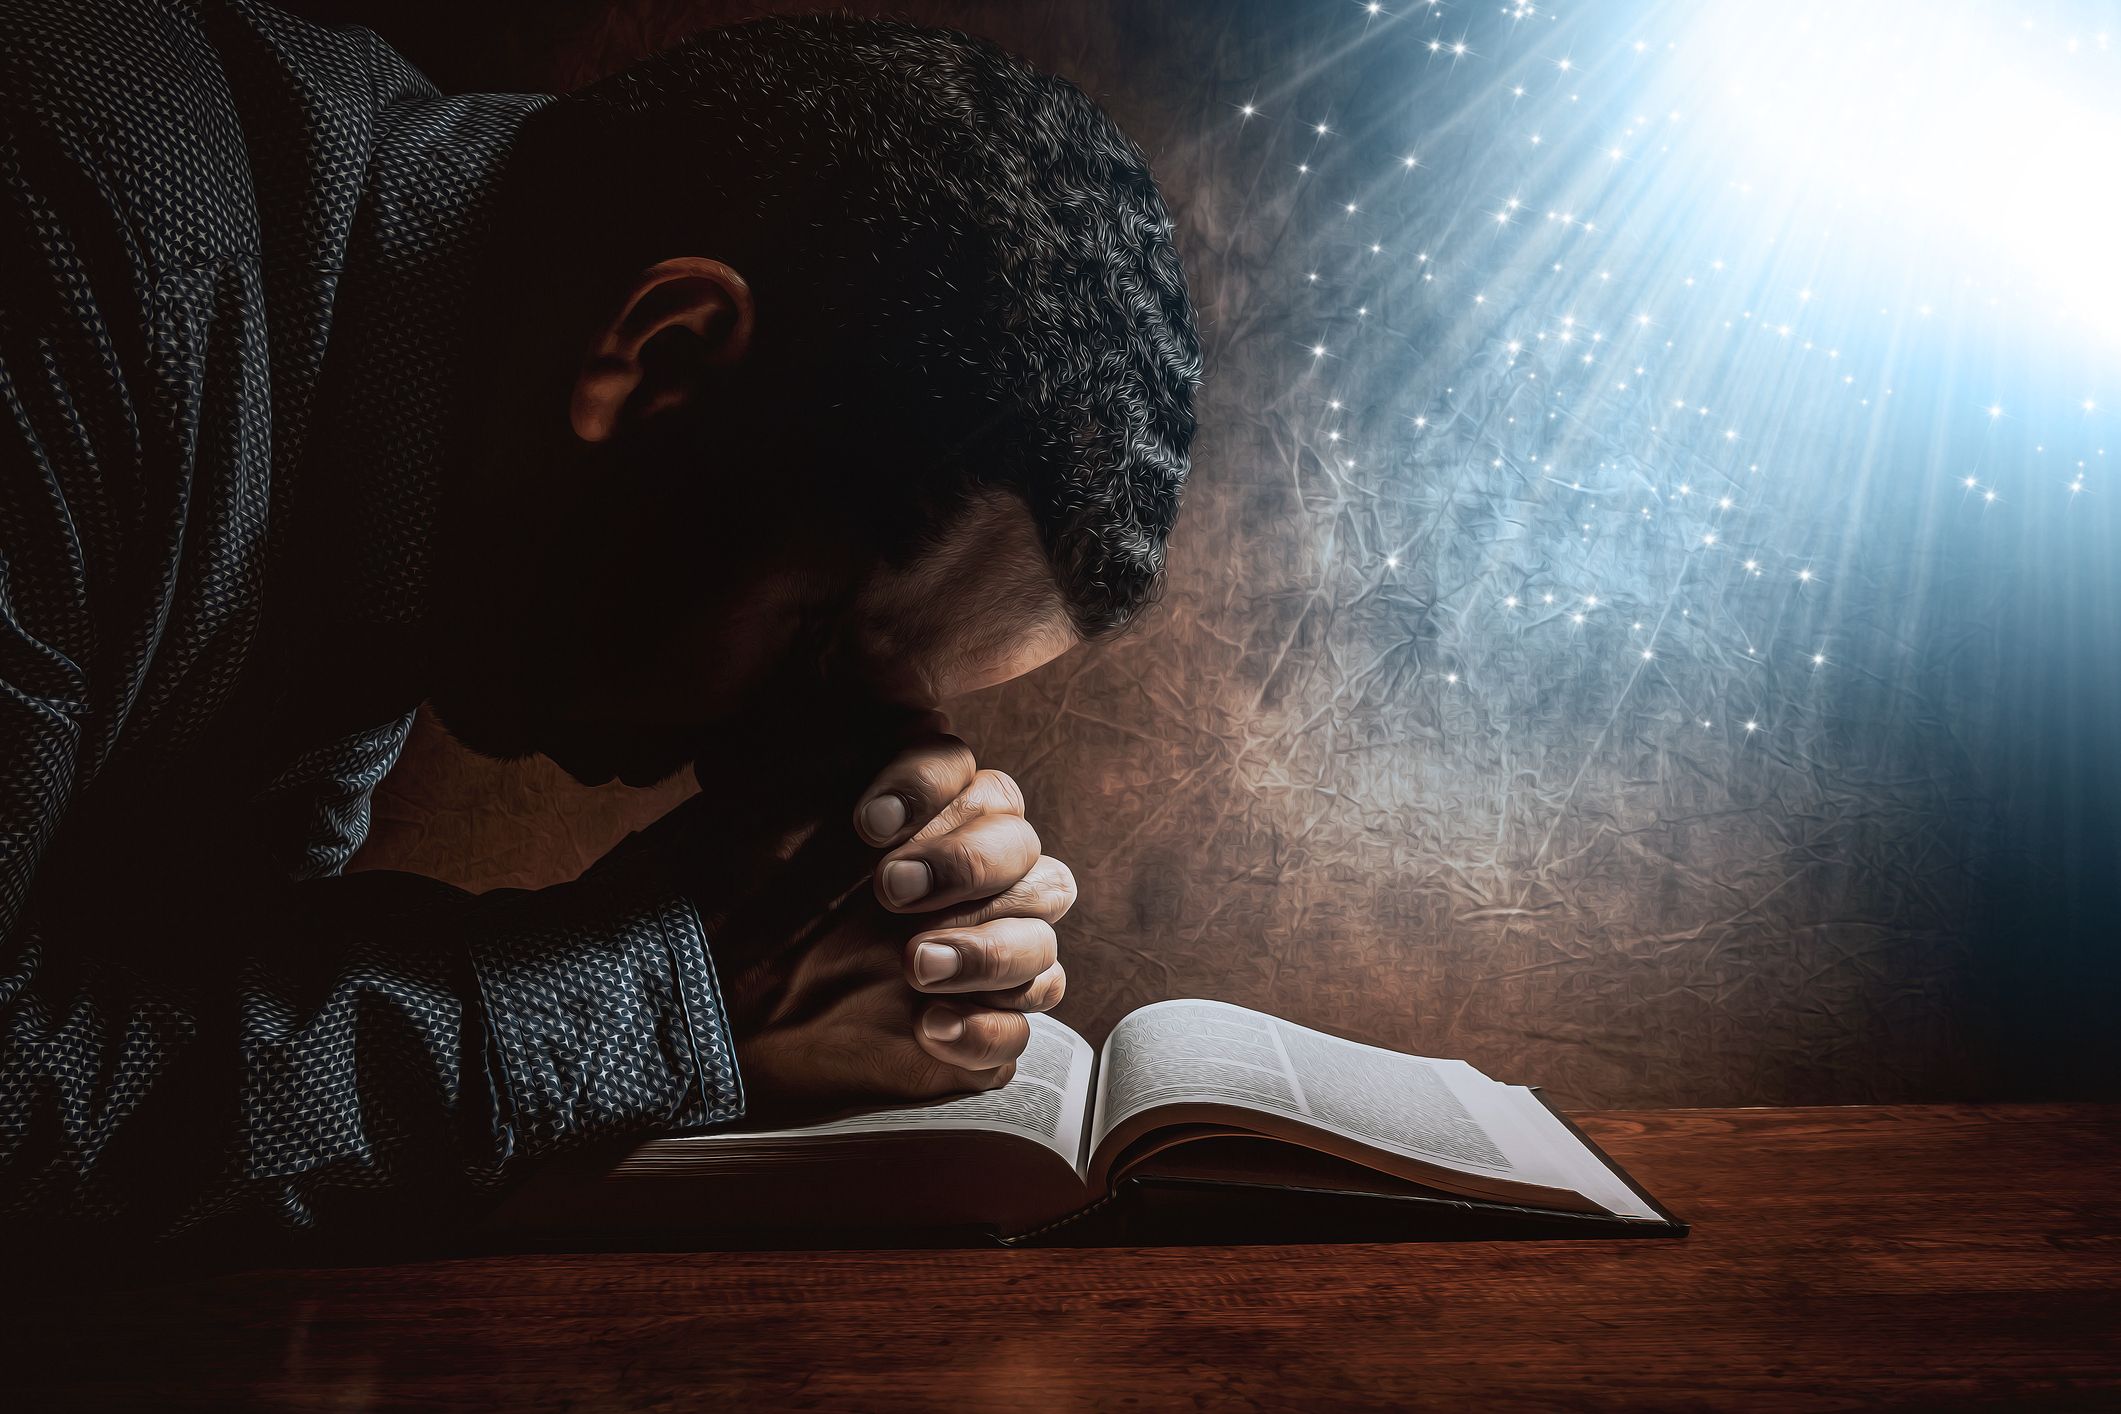 91 dias no Abrigo do Altíssimo –  Quarta semana4 min read